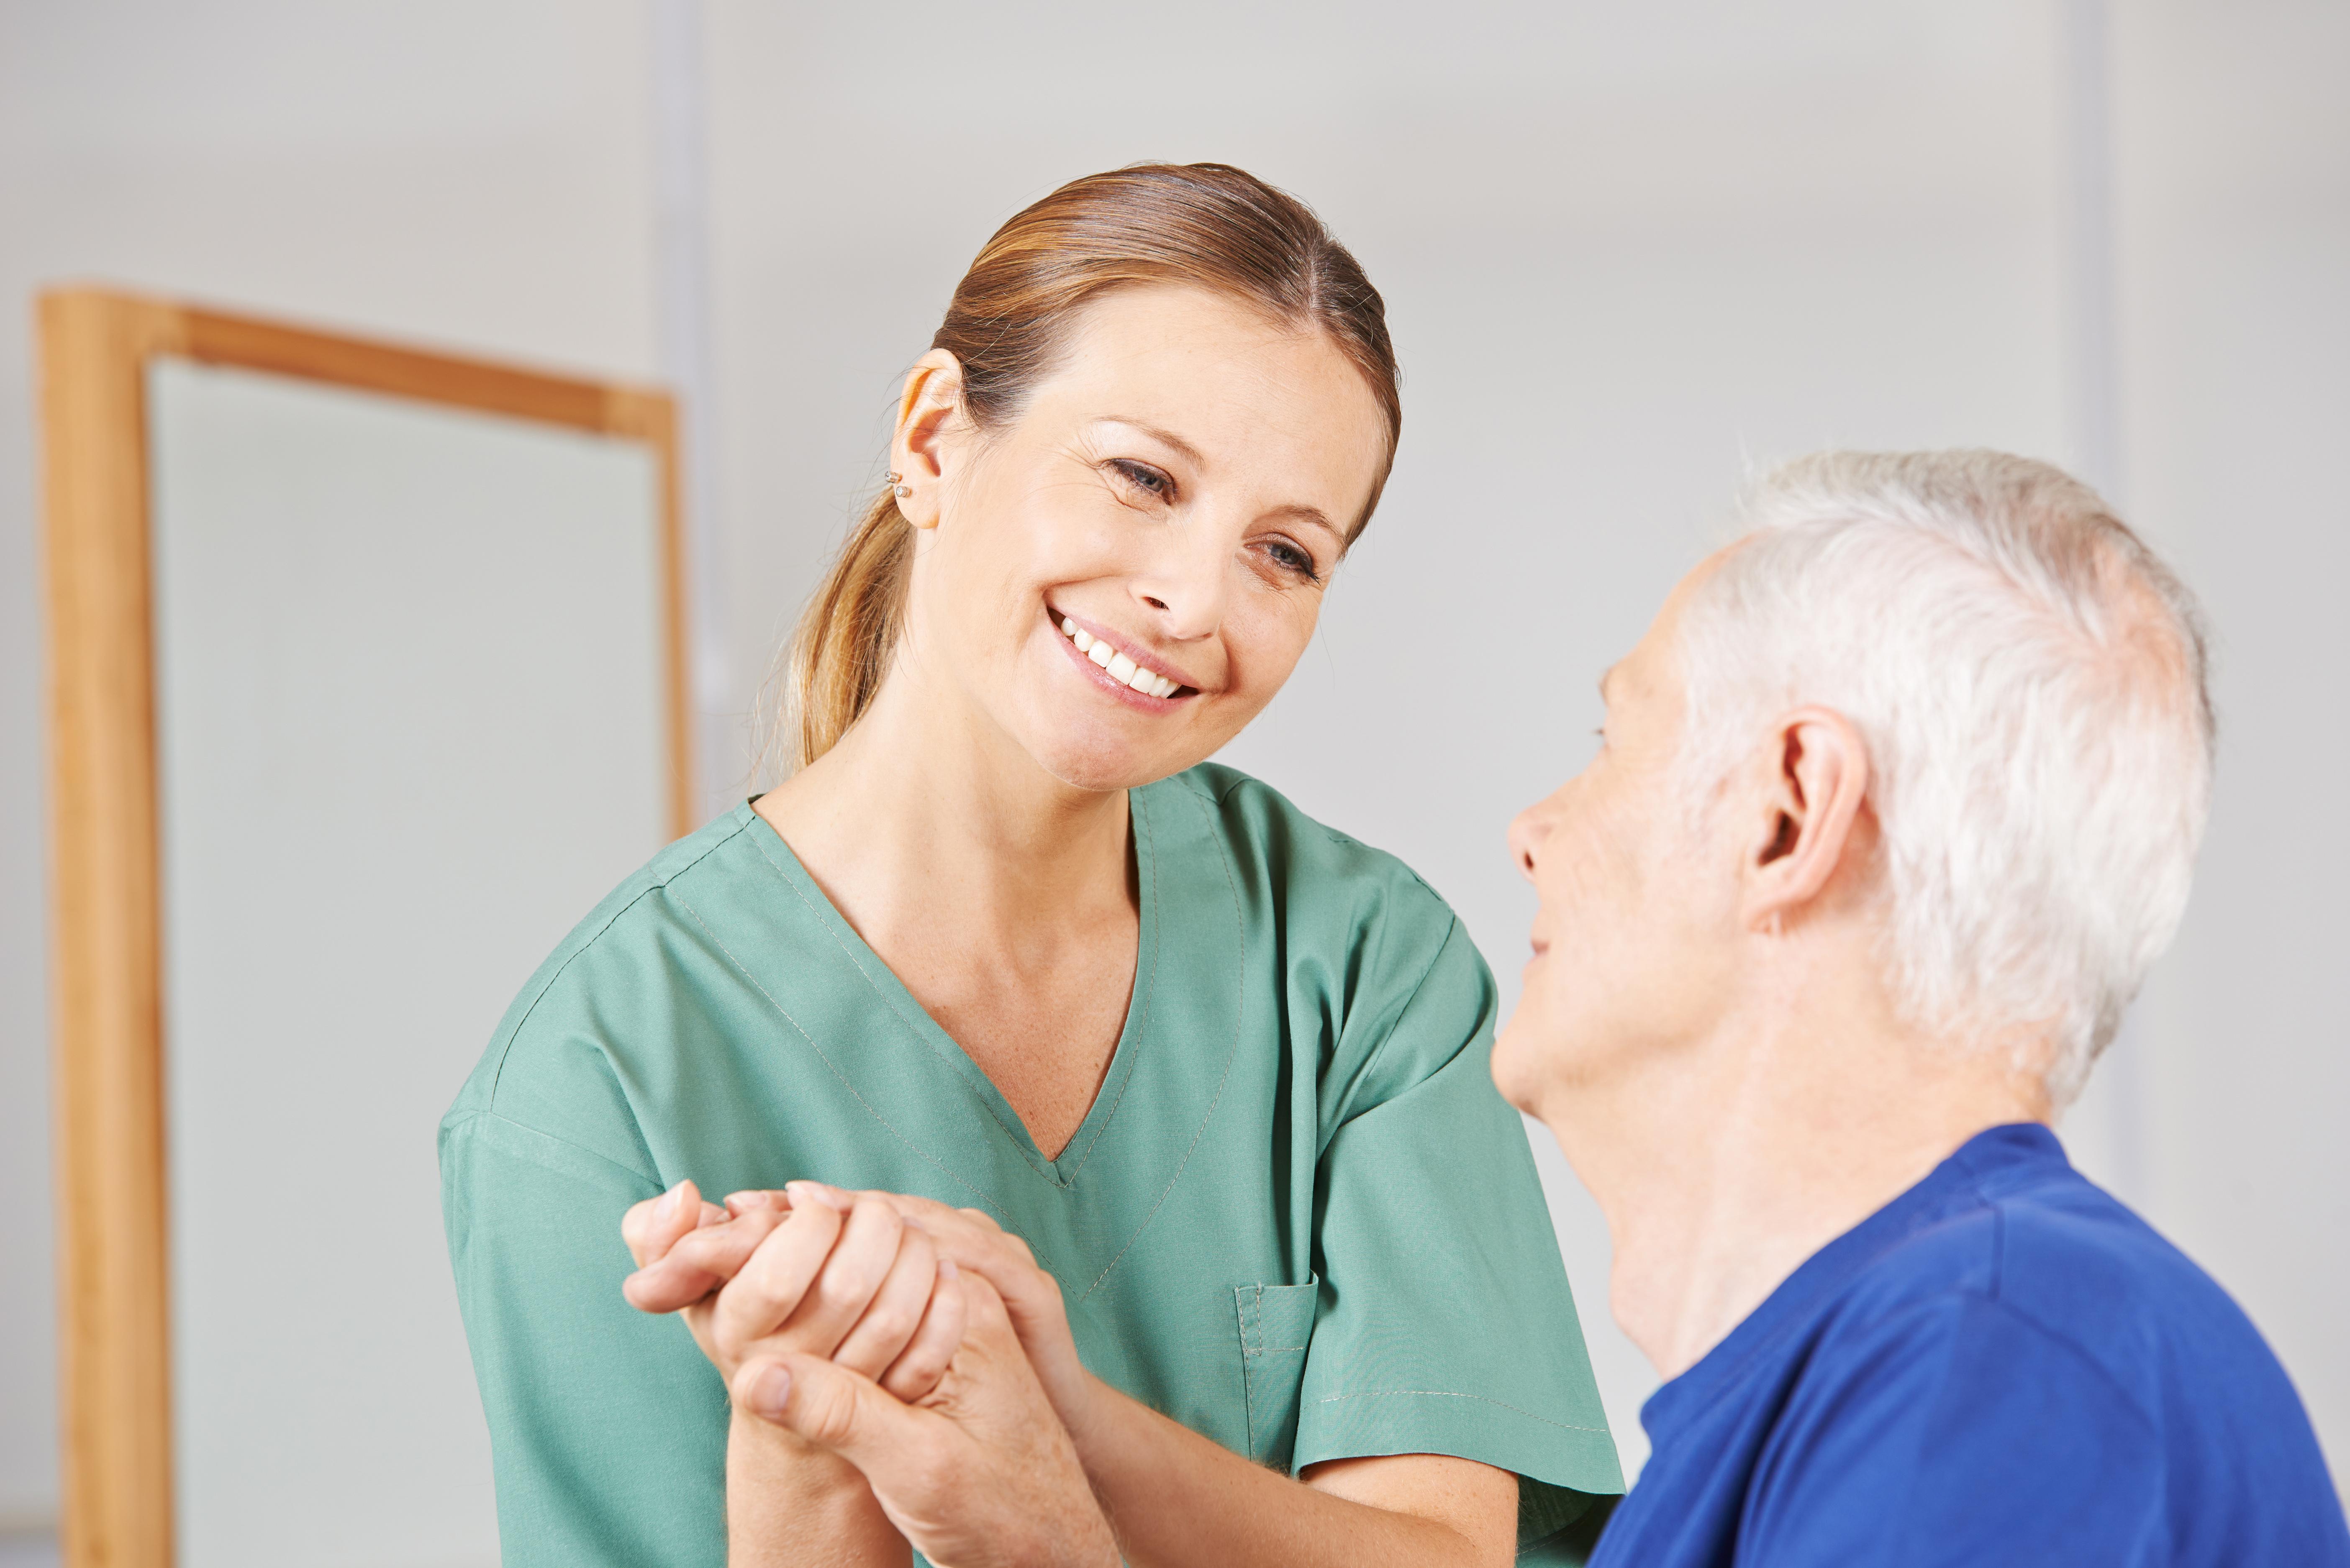 MedicalAir-Intensivpflege.de